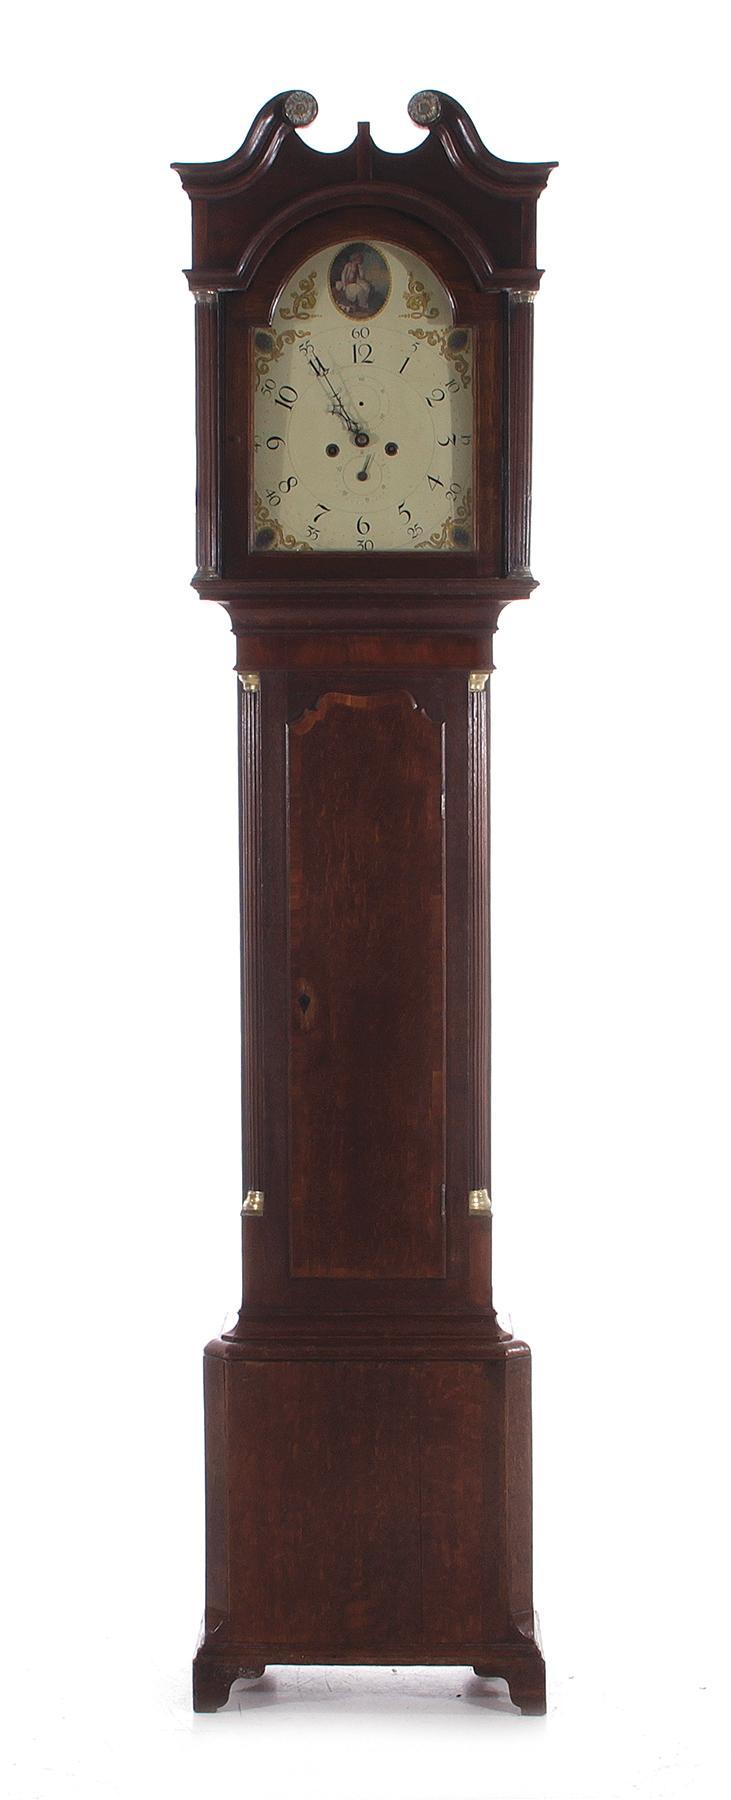 English mahogany and oak longcase clock